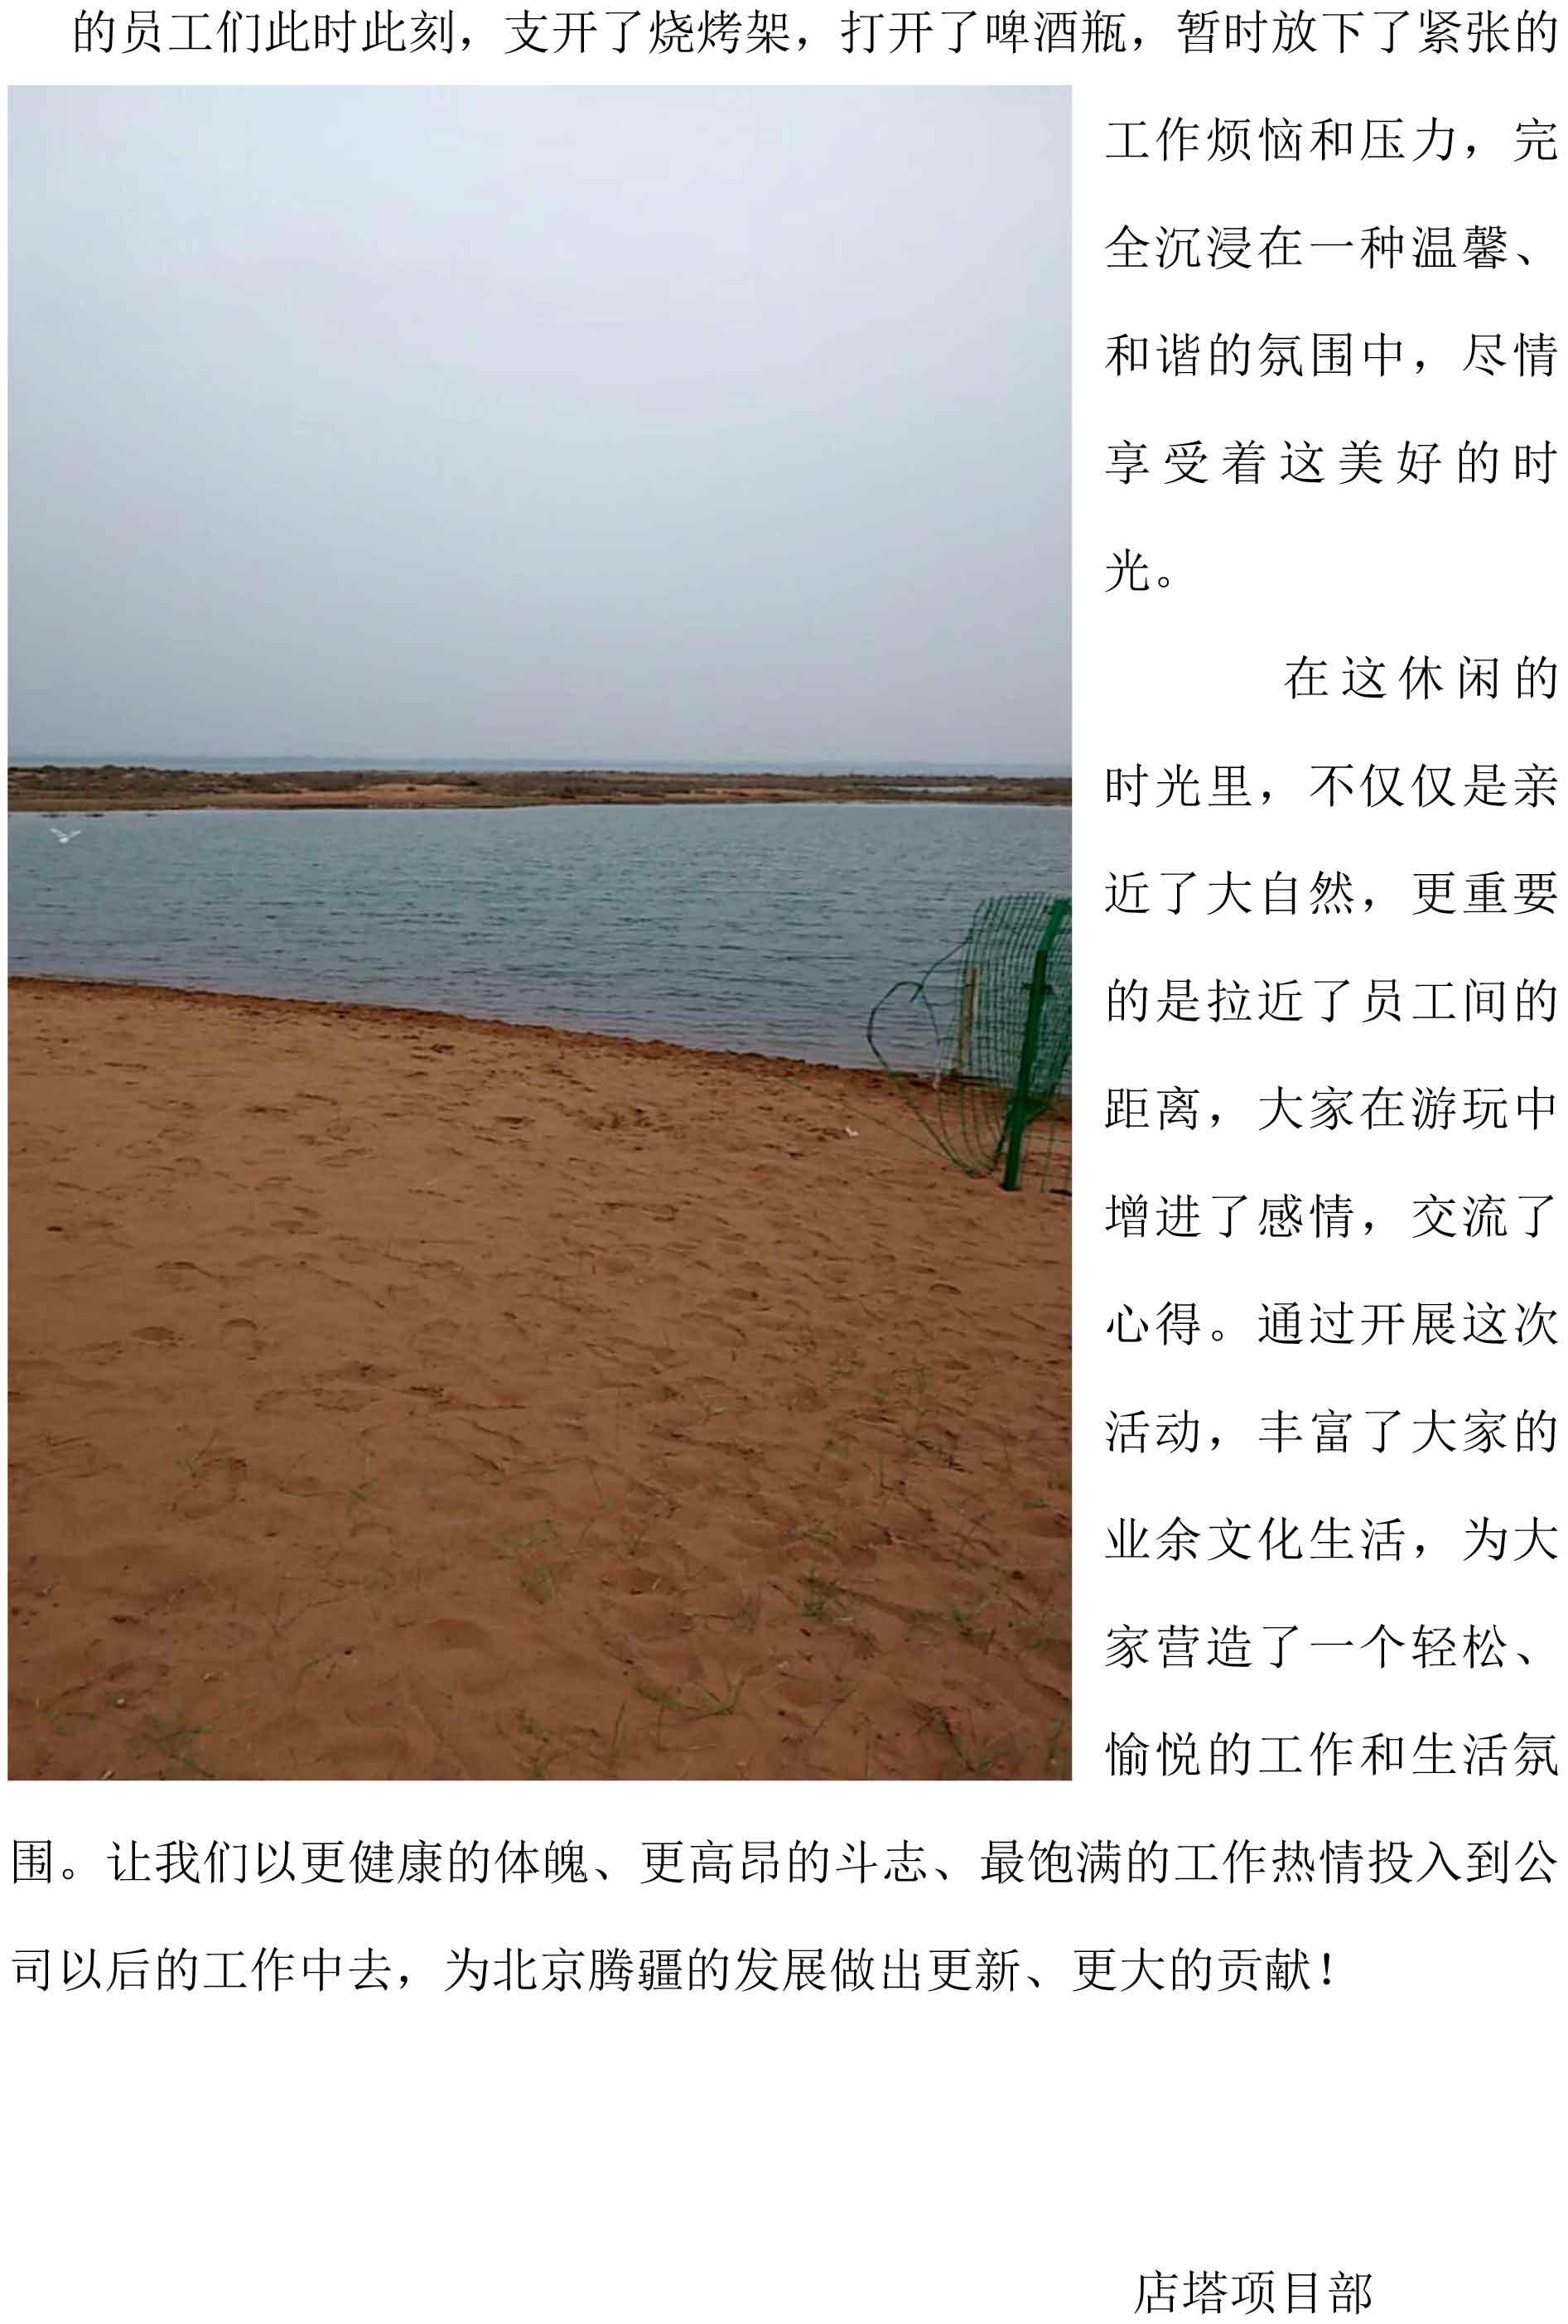 企業凝聚力:店塔業余文化生活小踐|新聞動態-北京騰疆電力工程有限公司